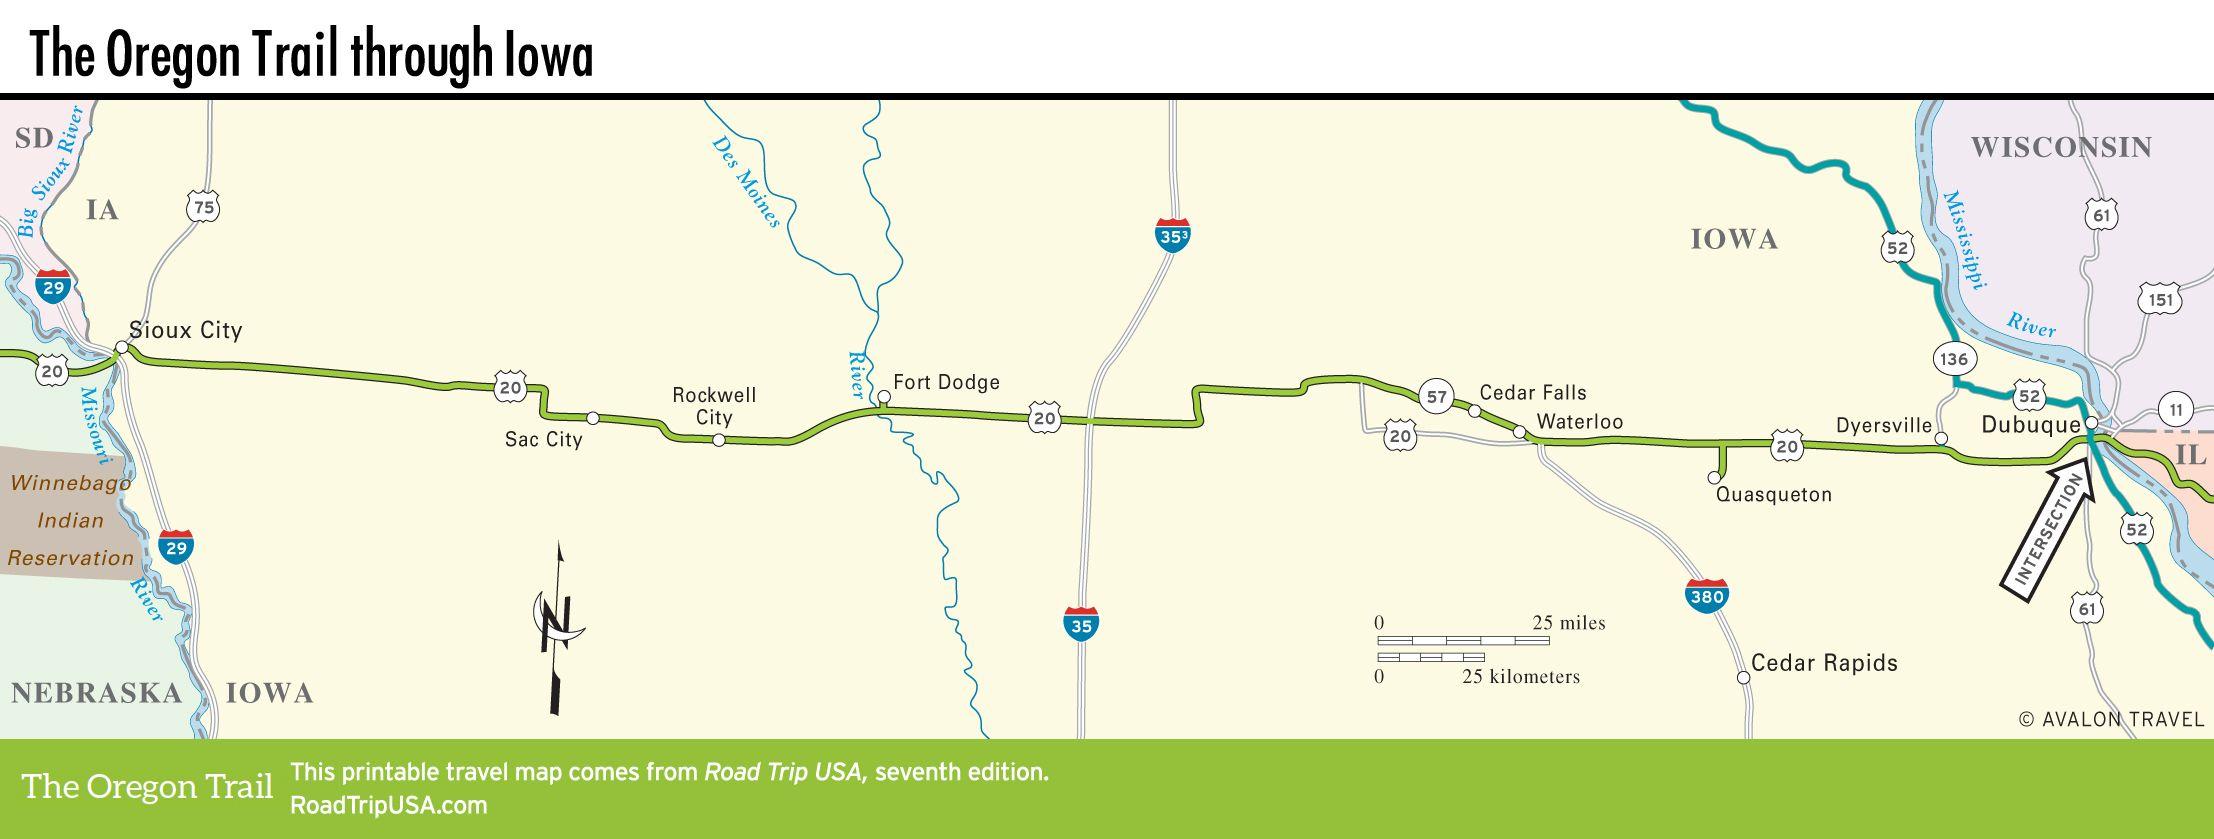 map of the oregon trail through iowa